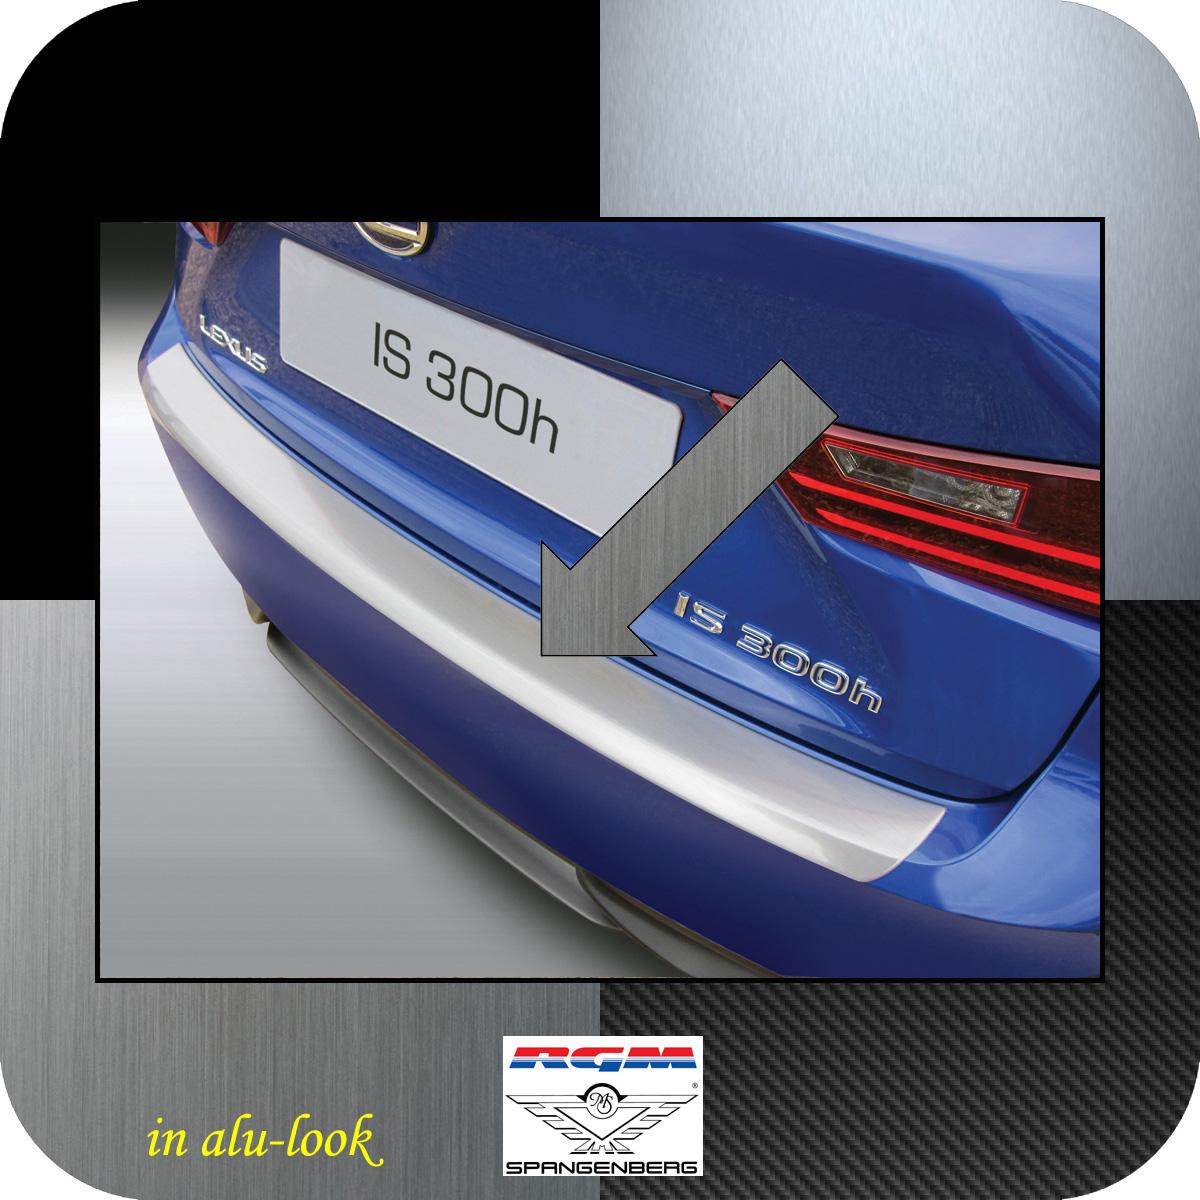 Ladekantenschutz Alu-Look Lexus IS III Limousine Baujahre 2013-2016 3504729